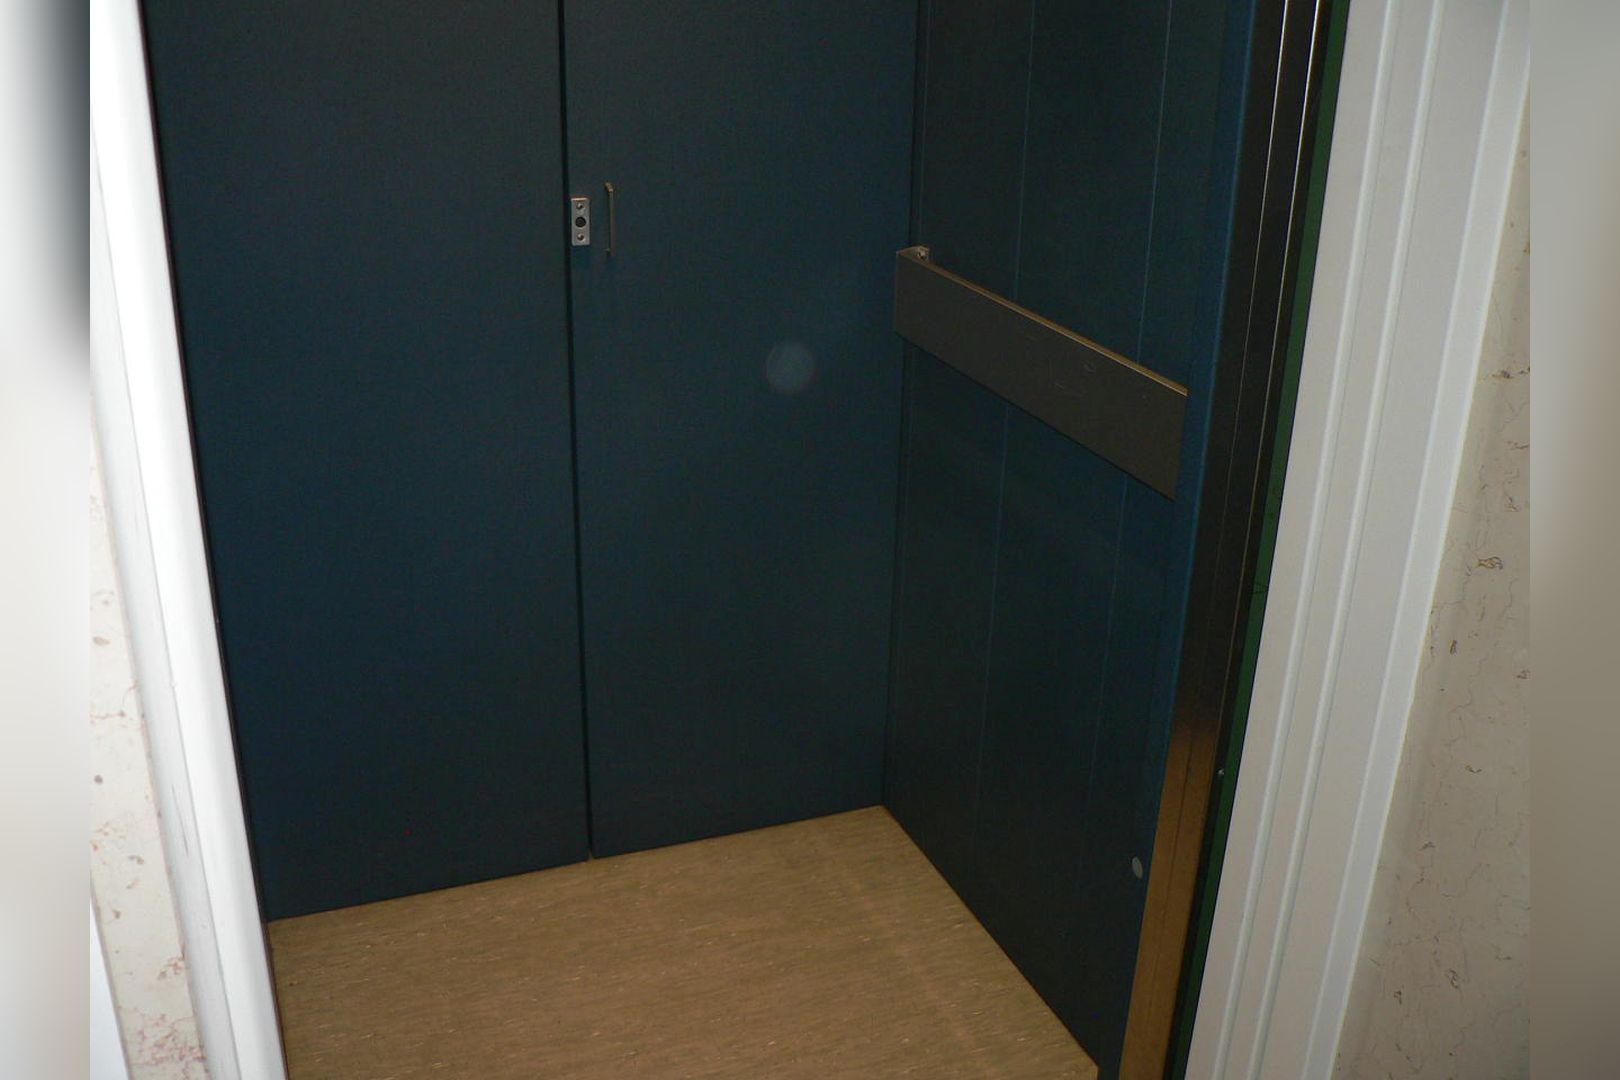 Immobilie Nr.0234 - 1 - Raum - Bürofläche mit Aktenkeller und Balkon - Bild 13.jpg